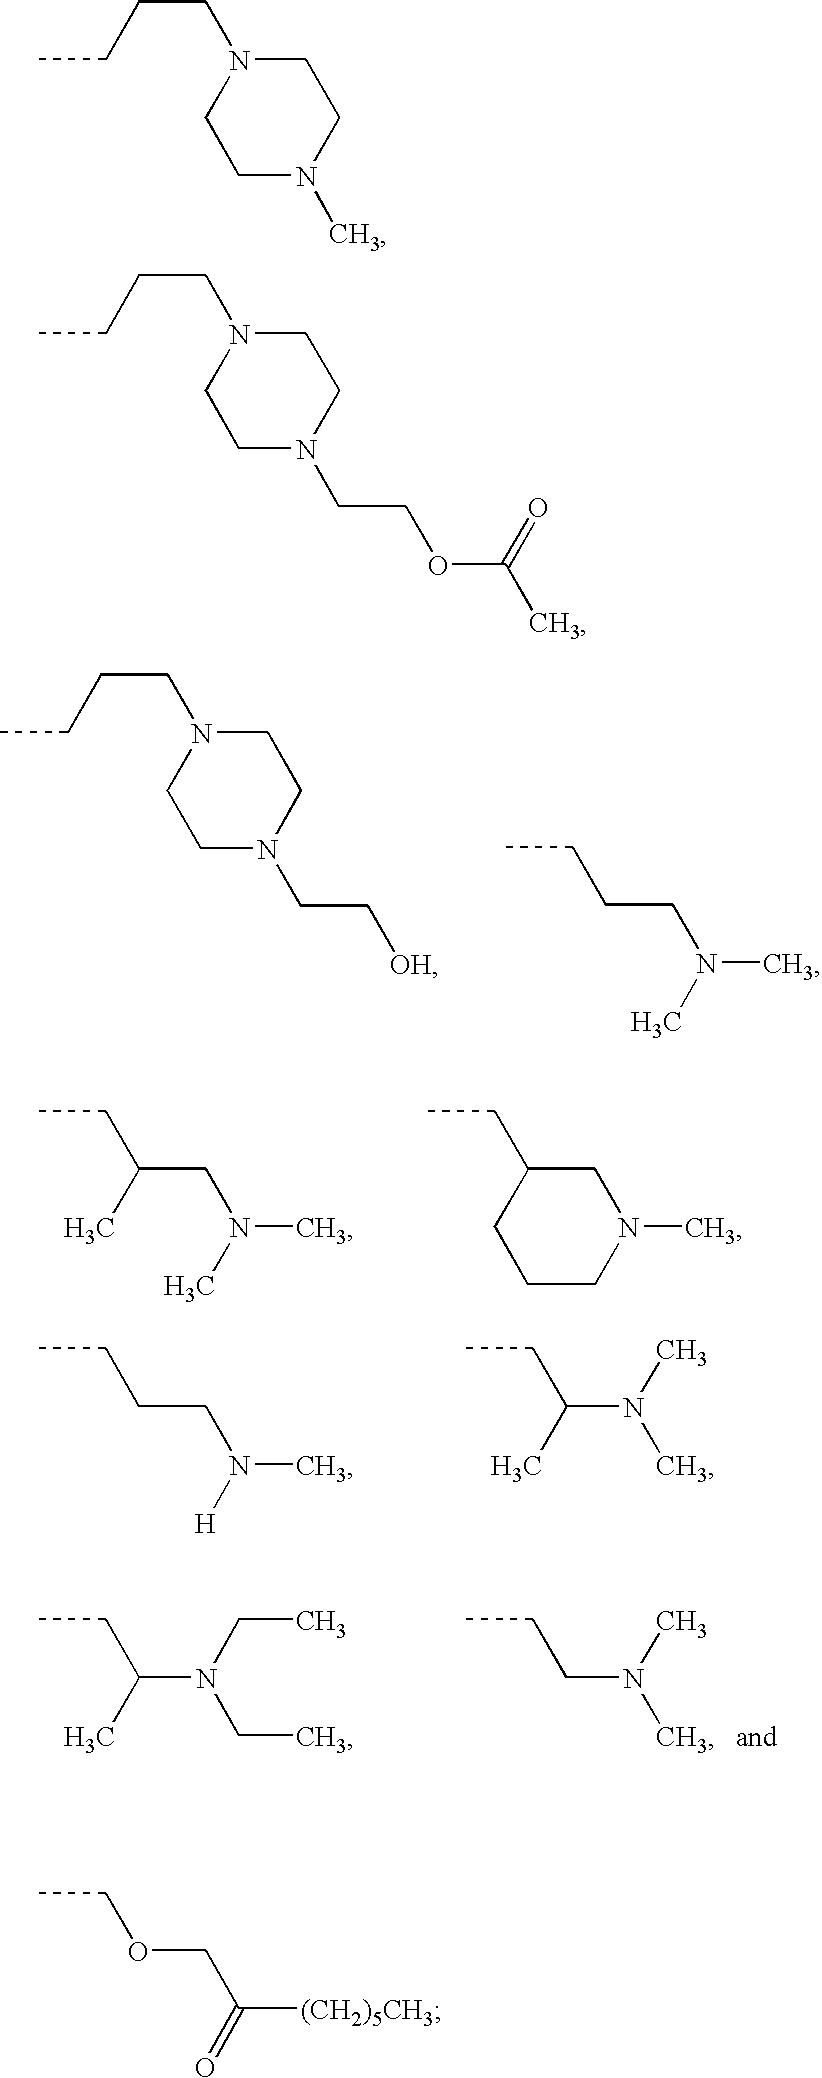 Figure US20070299043A1-20071227-C00076